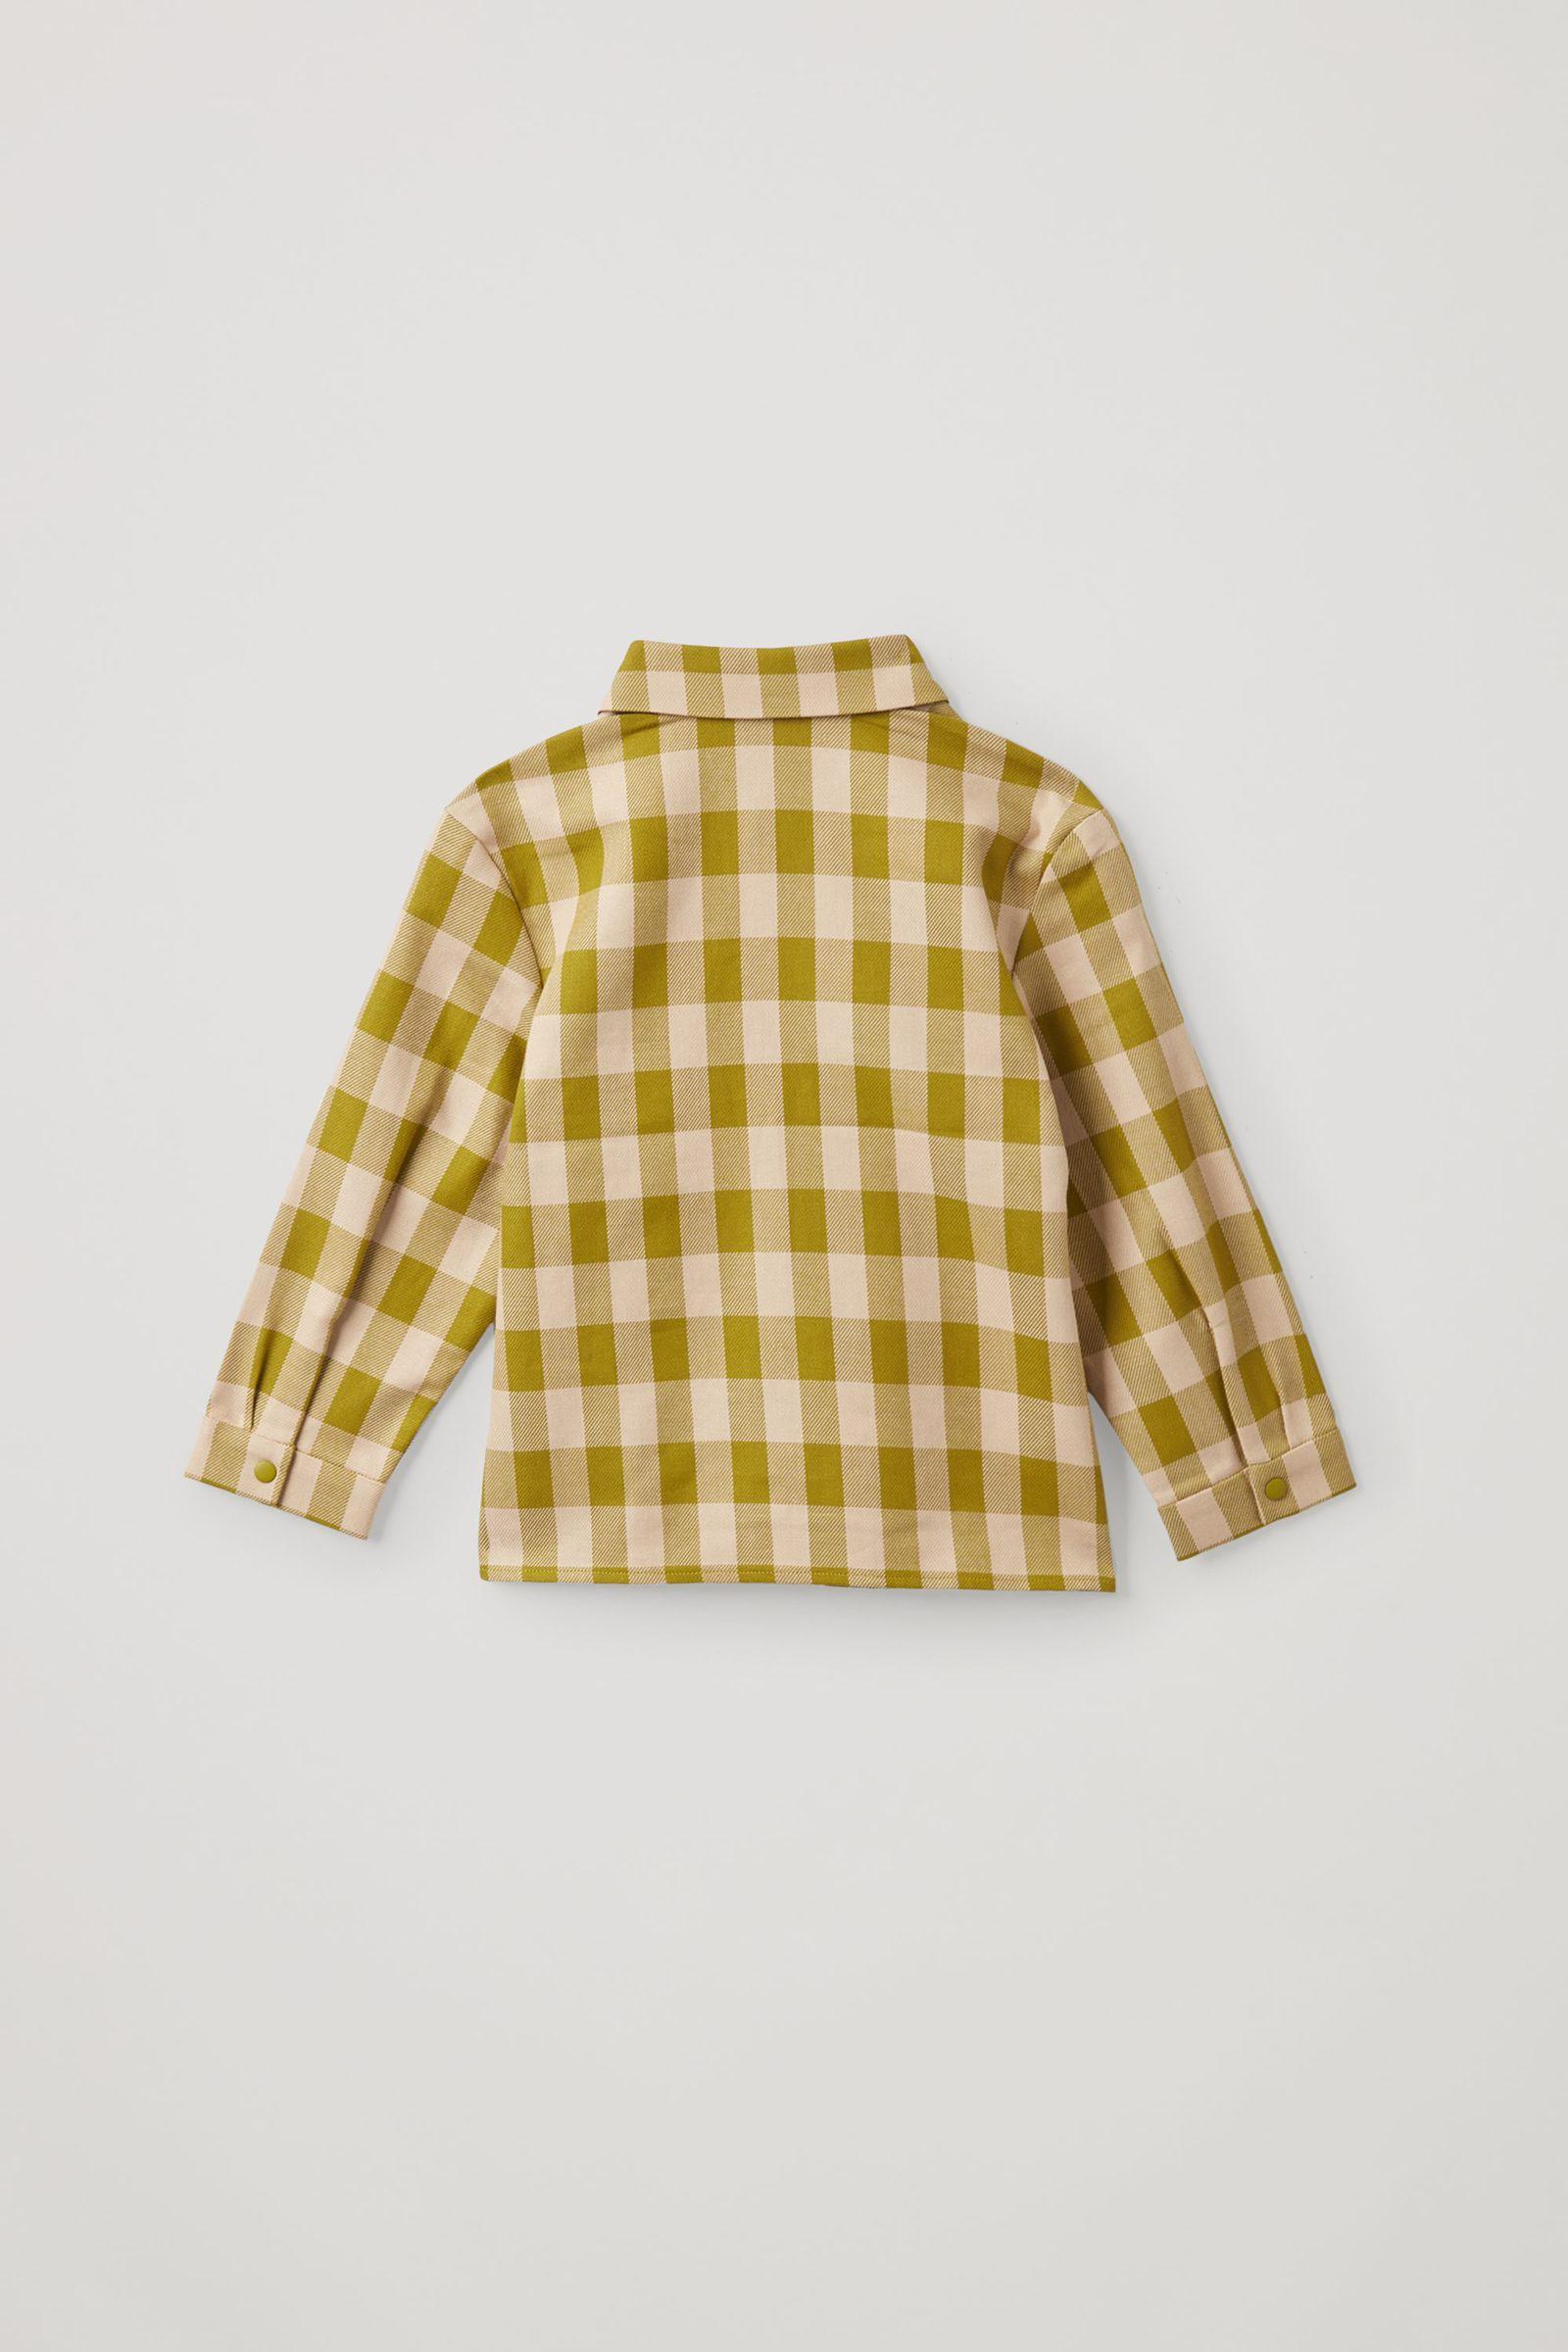 COS 오가닉 코튼 오버사이즈 깅엄 체크 셔츠의 그린컬러 Product입니다.